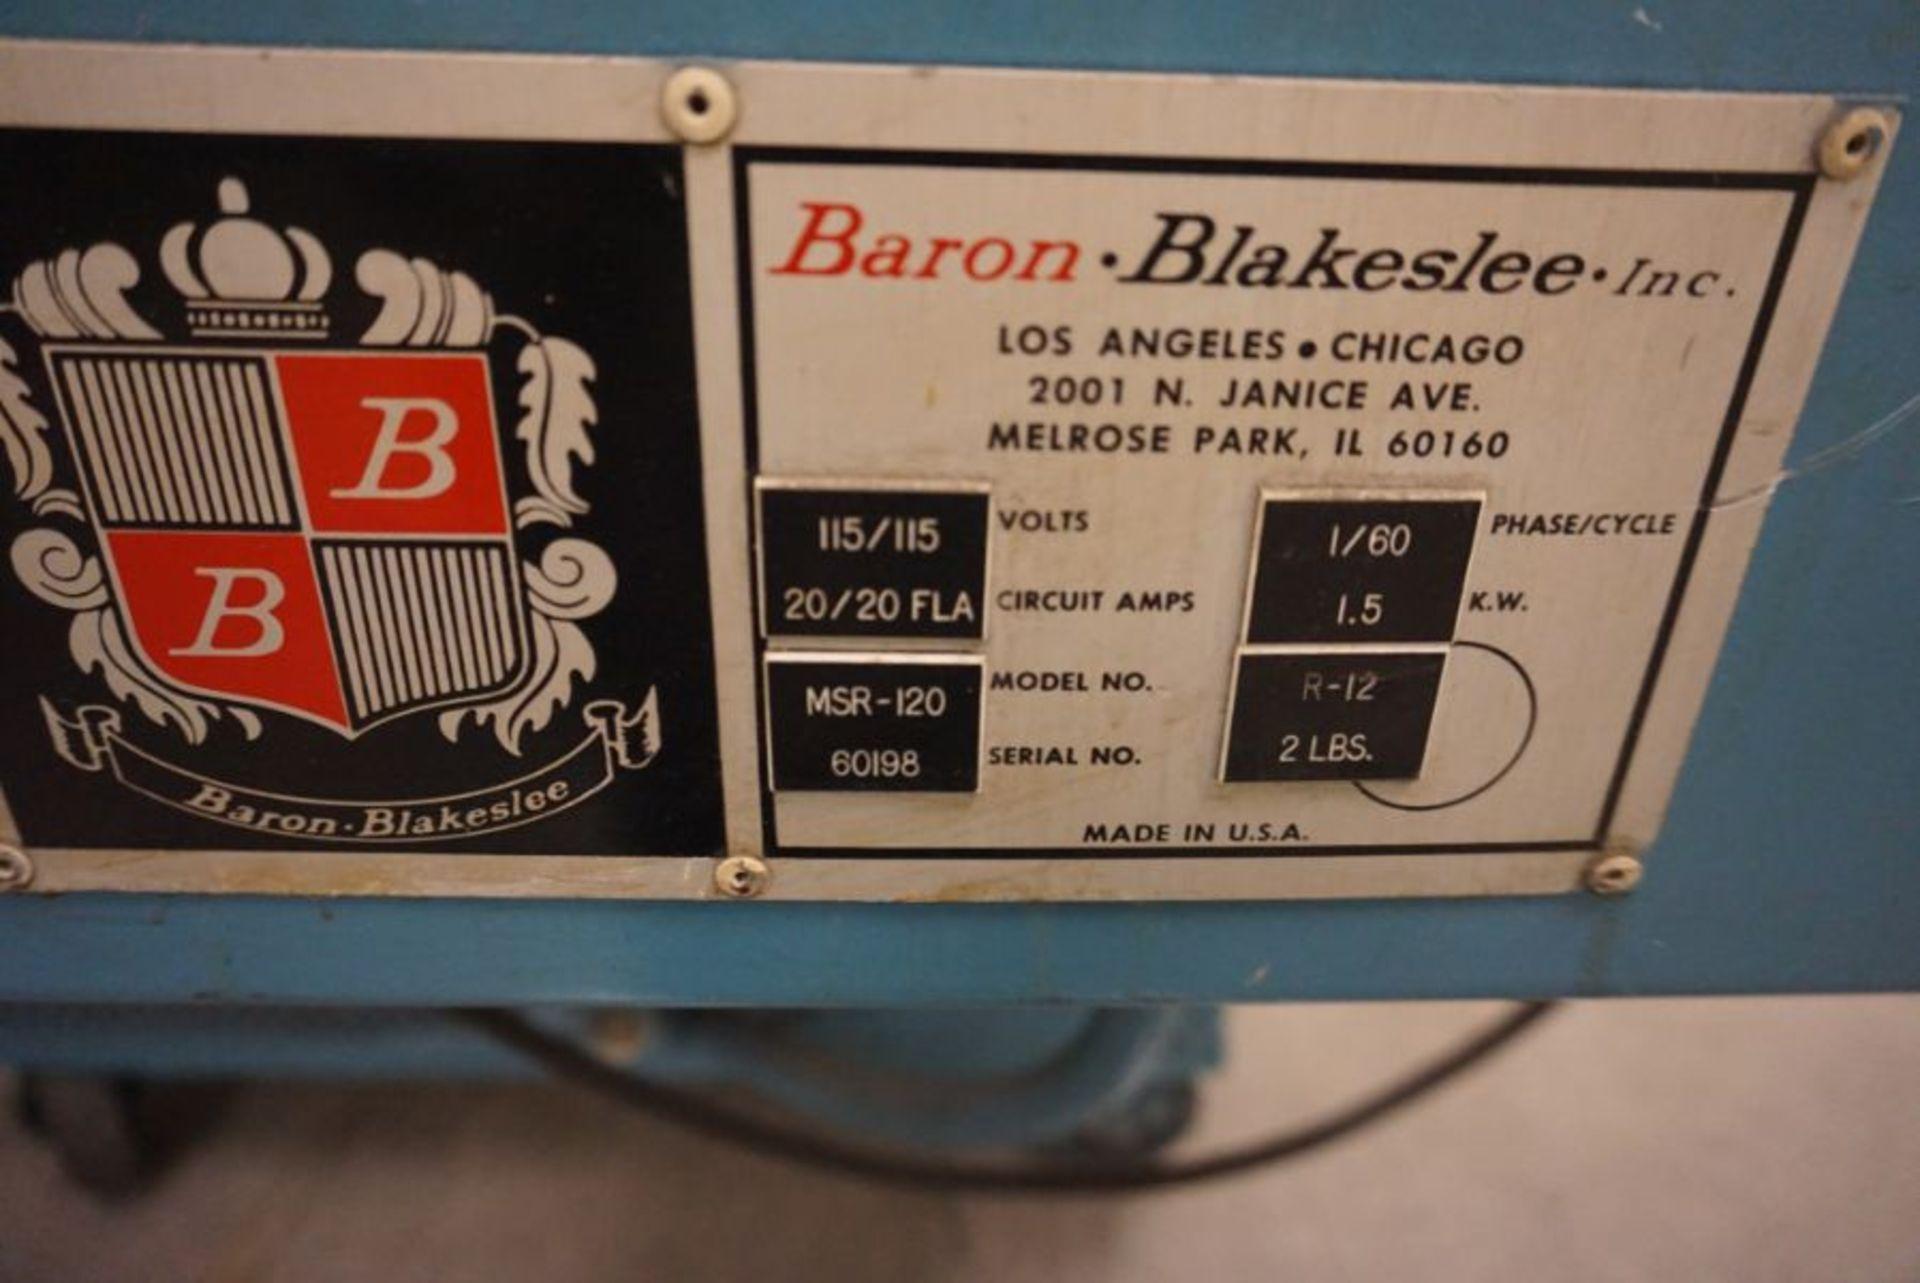 Baron-Blakeslee Ultrasonic Cleaner - Image 4 of 4